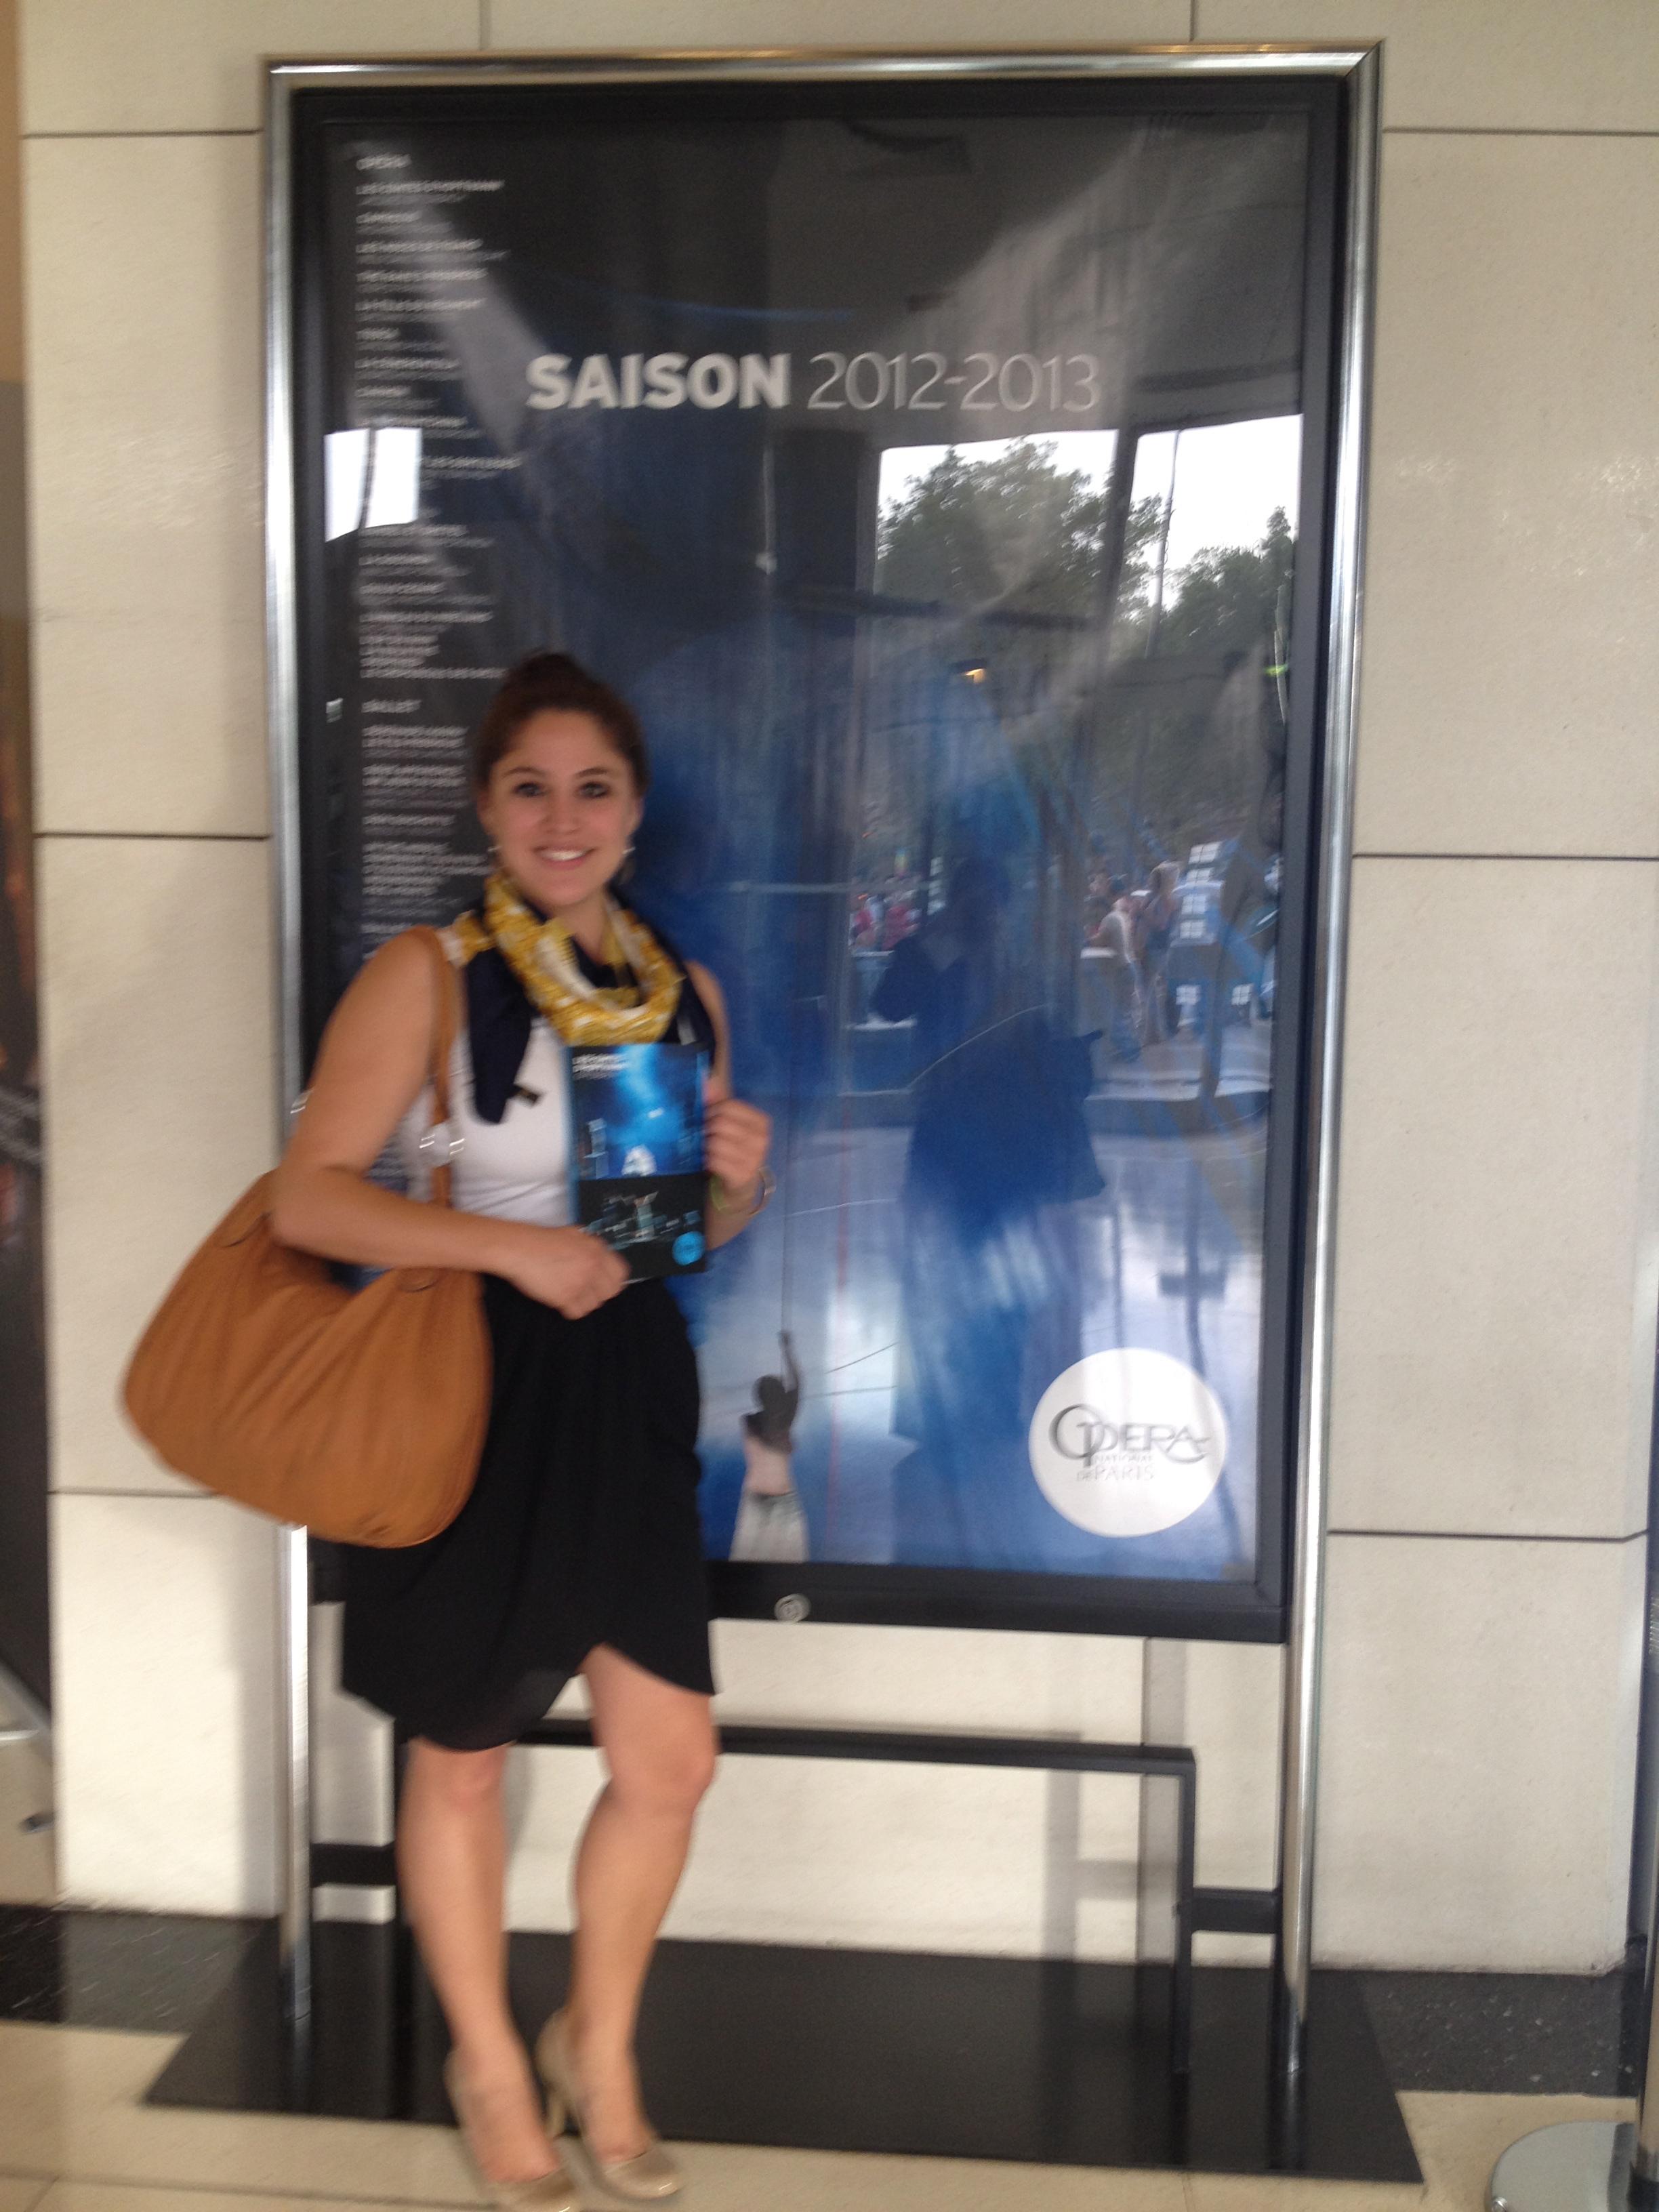 Season 2012-2013 Opera Bastille